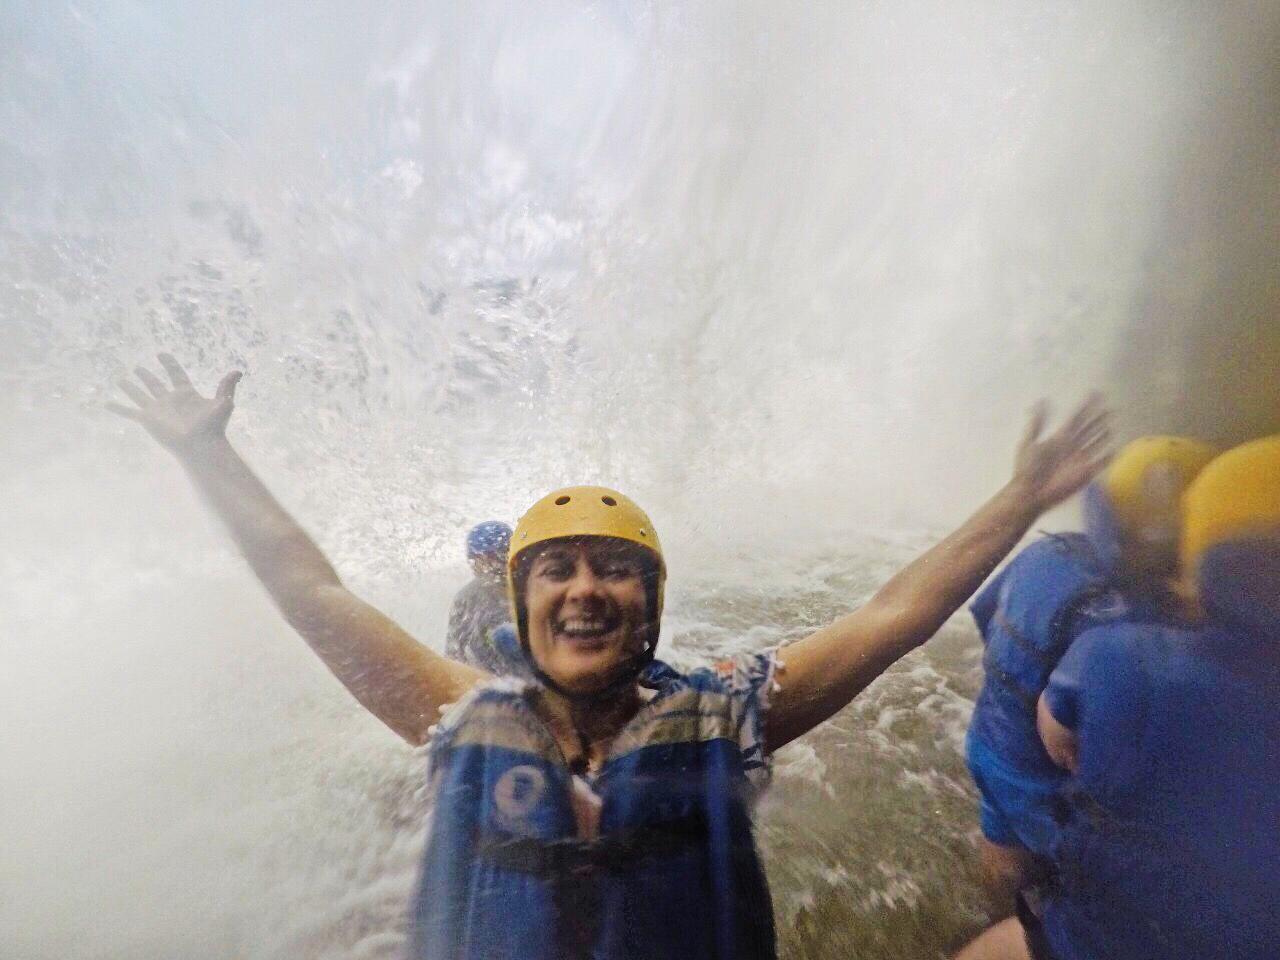 O rafting nos levou até embaixo da Cachoeira da Velha